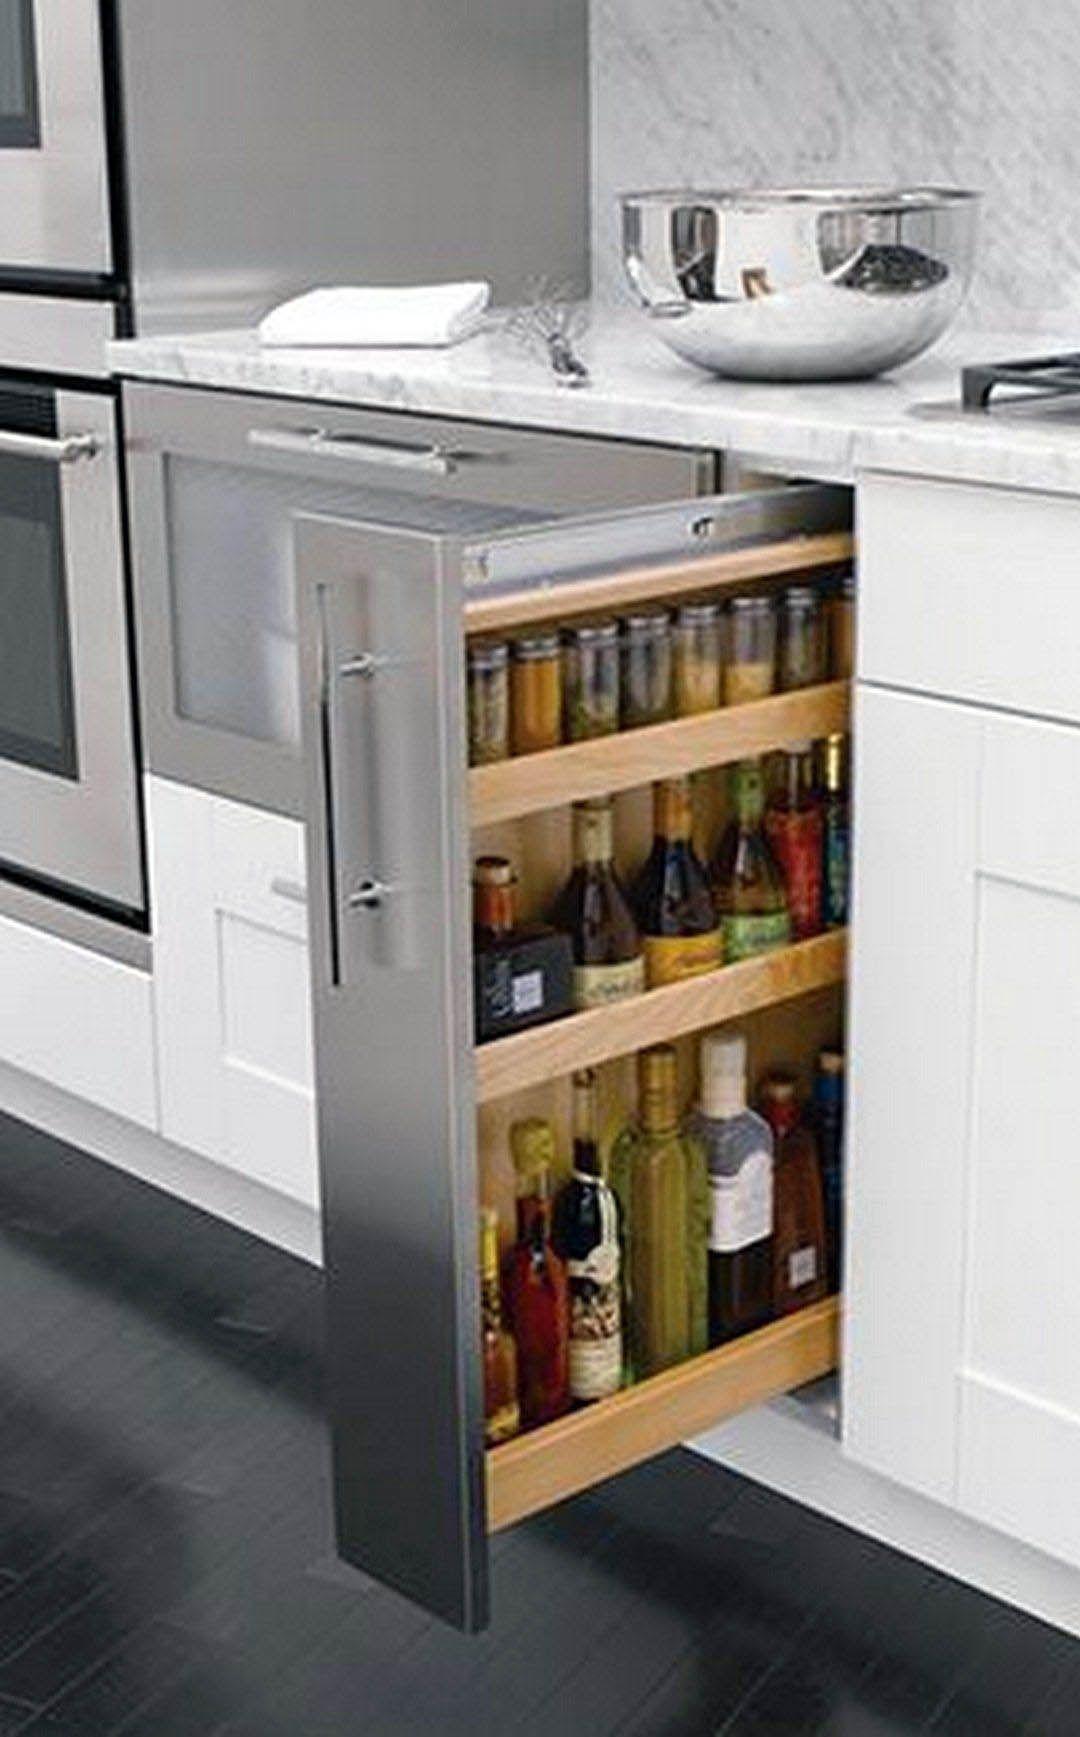 Inspirational Kitchen Cabinet Storage Solutions Amazon Just On Smart Homefi Design Diy Kitchen Storage Hidden Kitchen Kitchen Storage Solutions